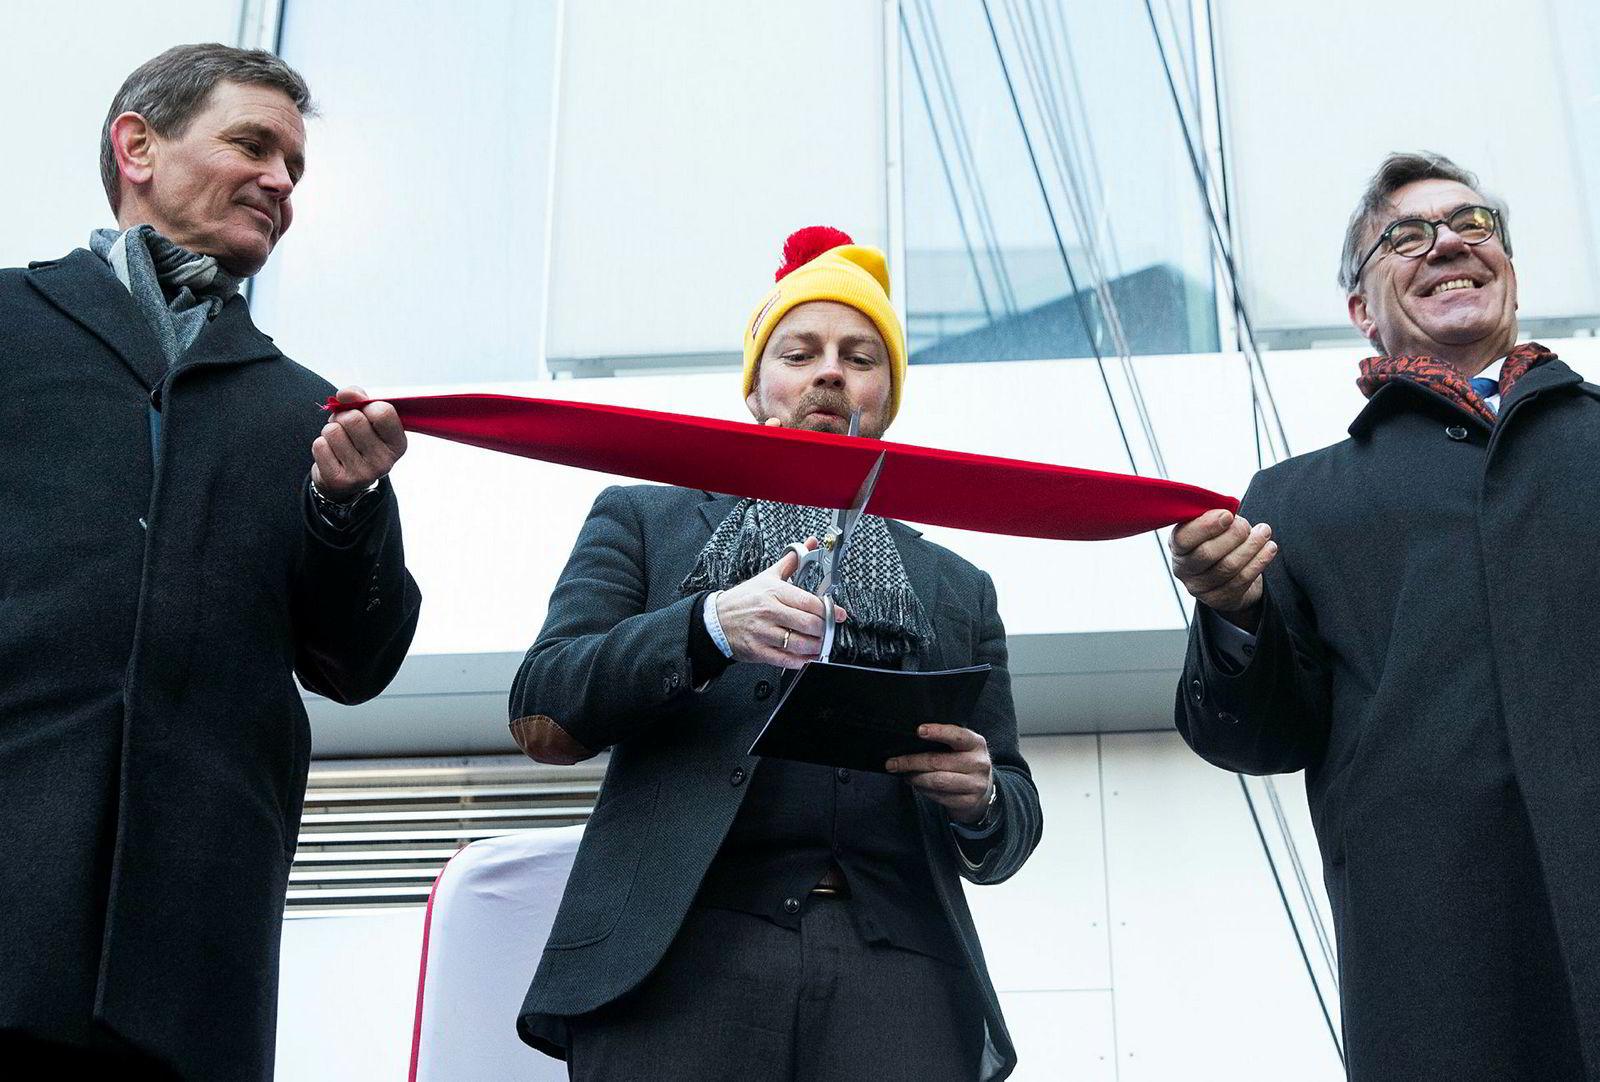 Næringsminister Torbjørn Røe Isaksen (midten), Orkla-konsernsjef Peter A. Ruzicka (til venstre) og styreleder Stein Erik Hagen var alle i godt humør under avdukingen av statuen ved åpningen av Orklas nye 16.-etasjers bygg på Skøyen.